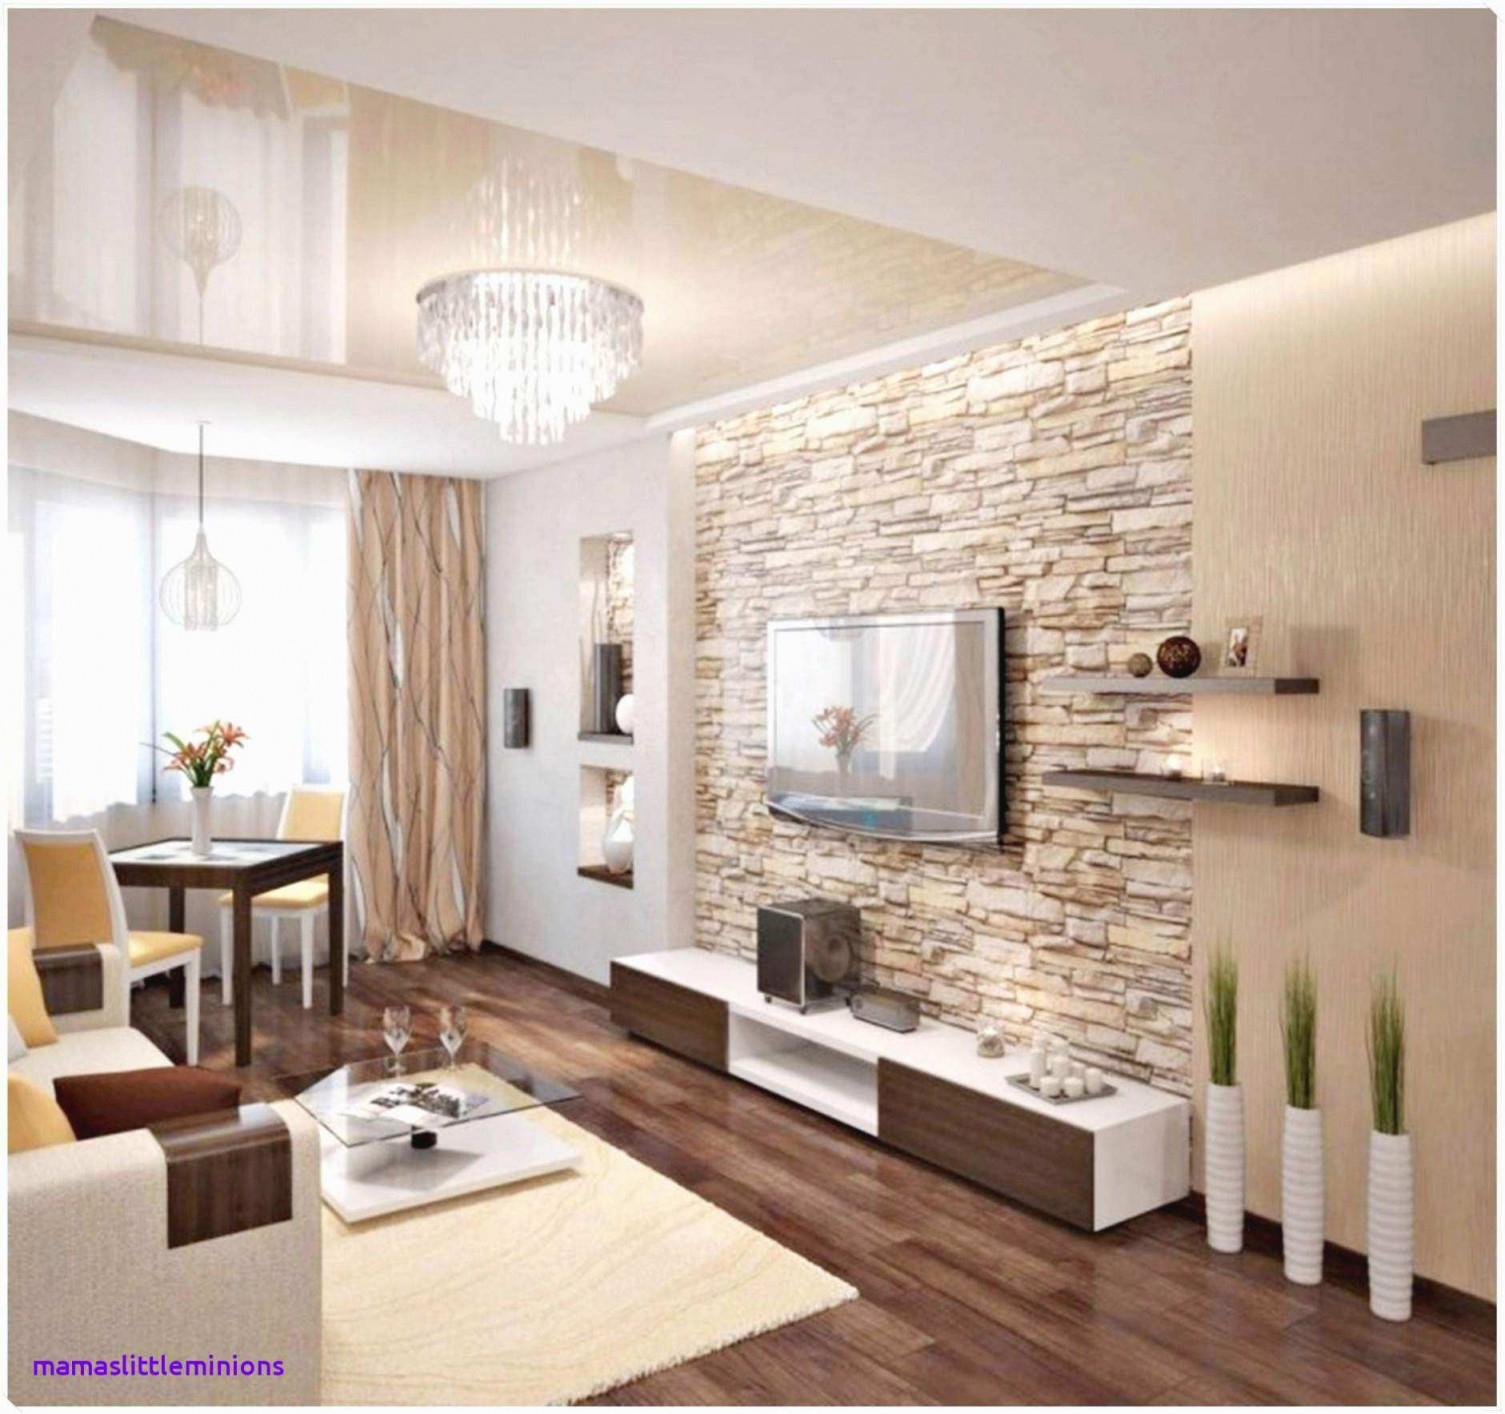 Zimmerdecken Neu Gestalten Reizend Neu Wohnzimmer Decke von Zimmerdecken Gestalten Wohnzimmer Photo